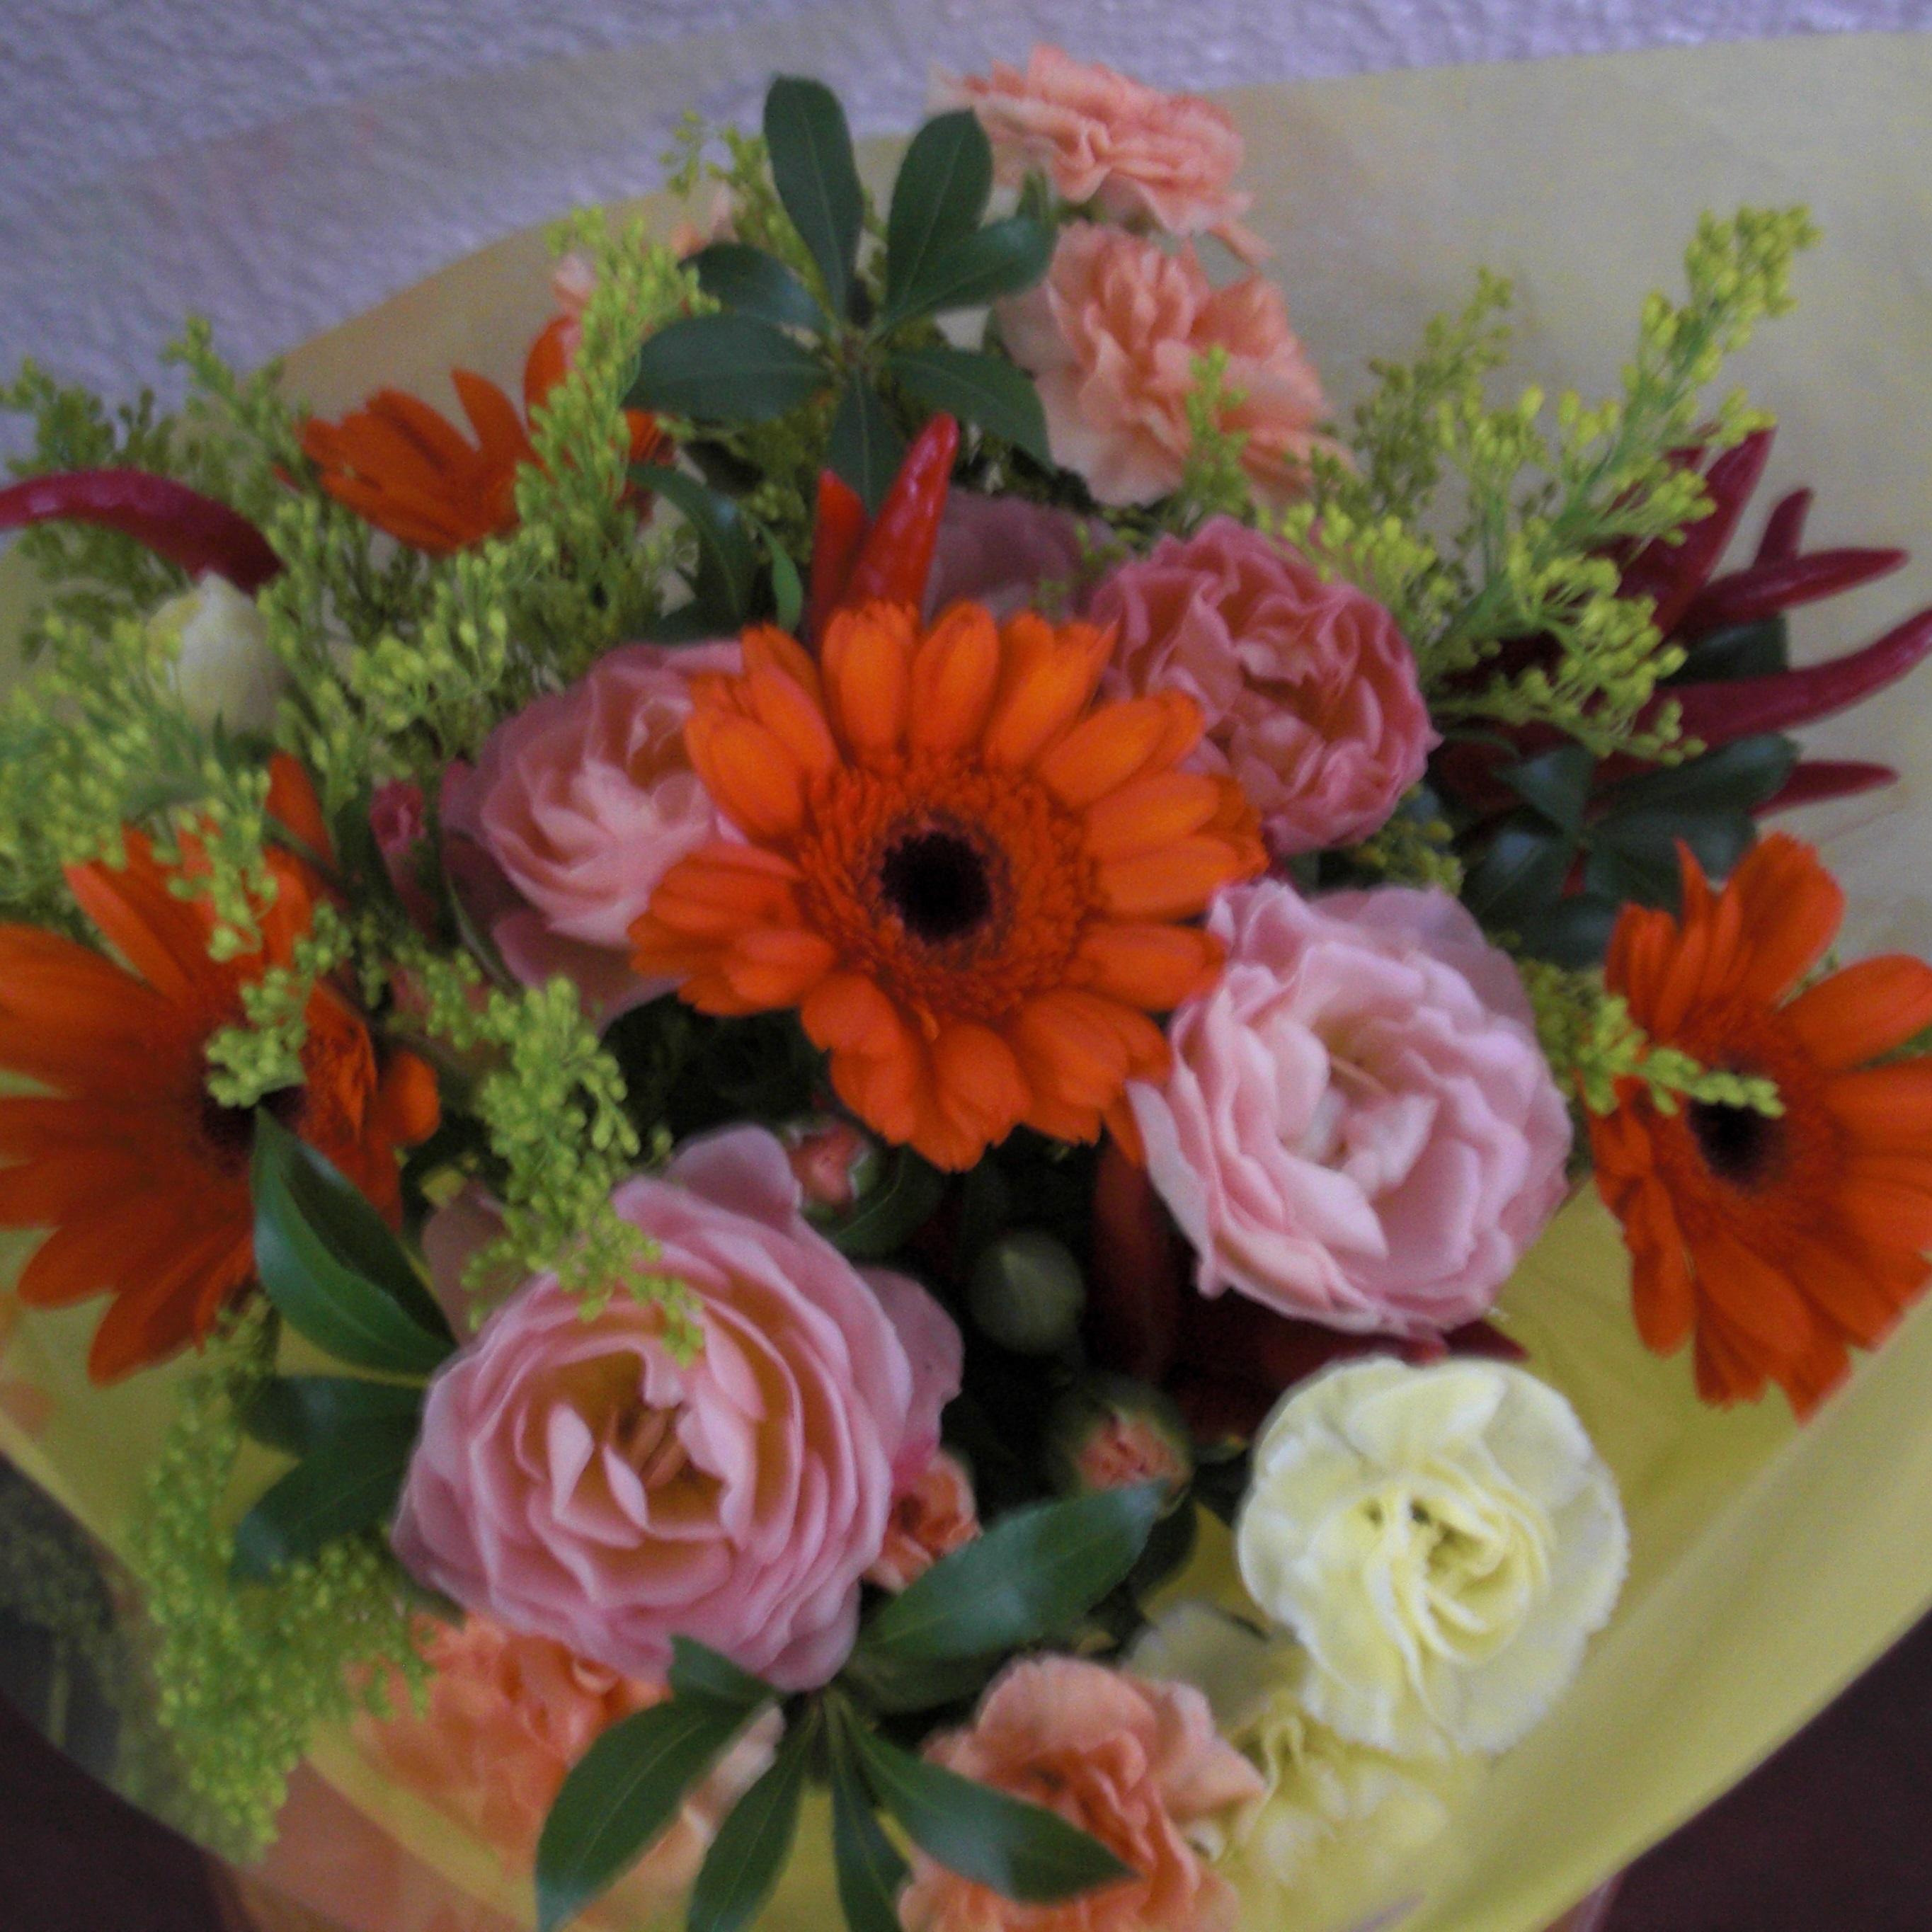 オレンジのガーベラとピンクのバラを使ったブーケ♪